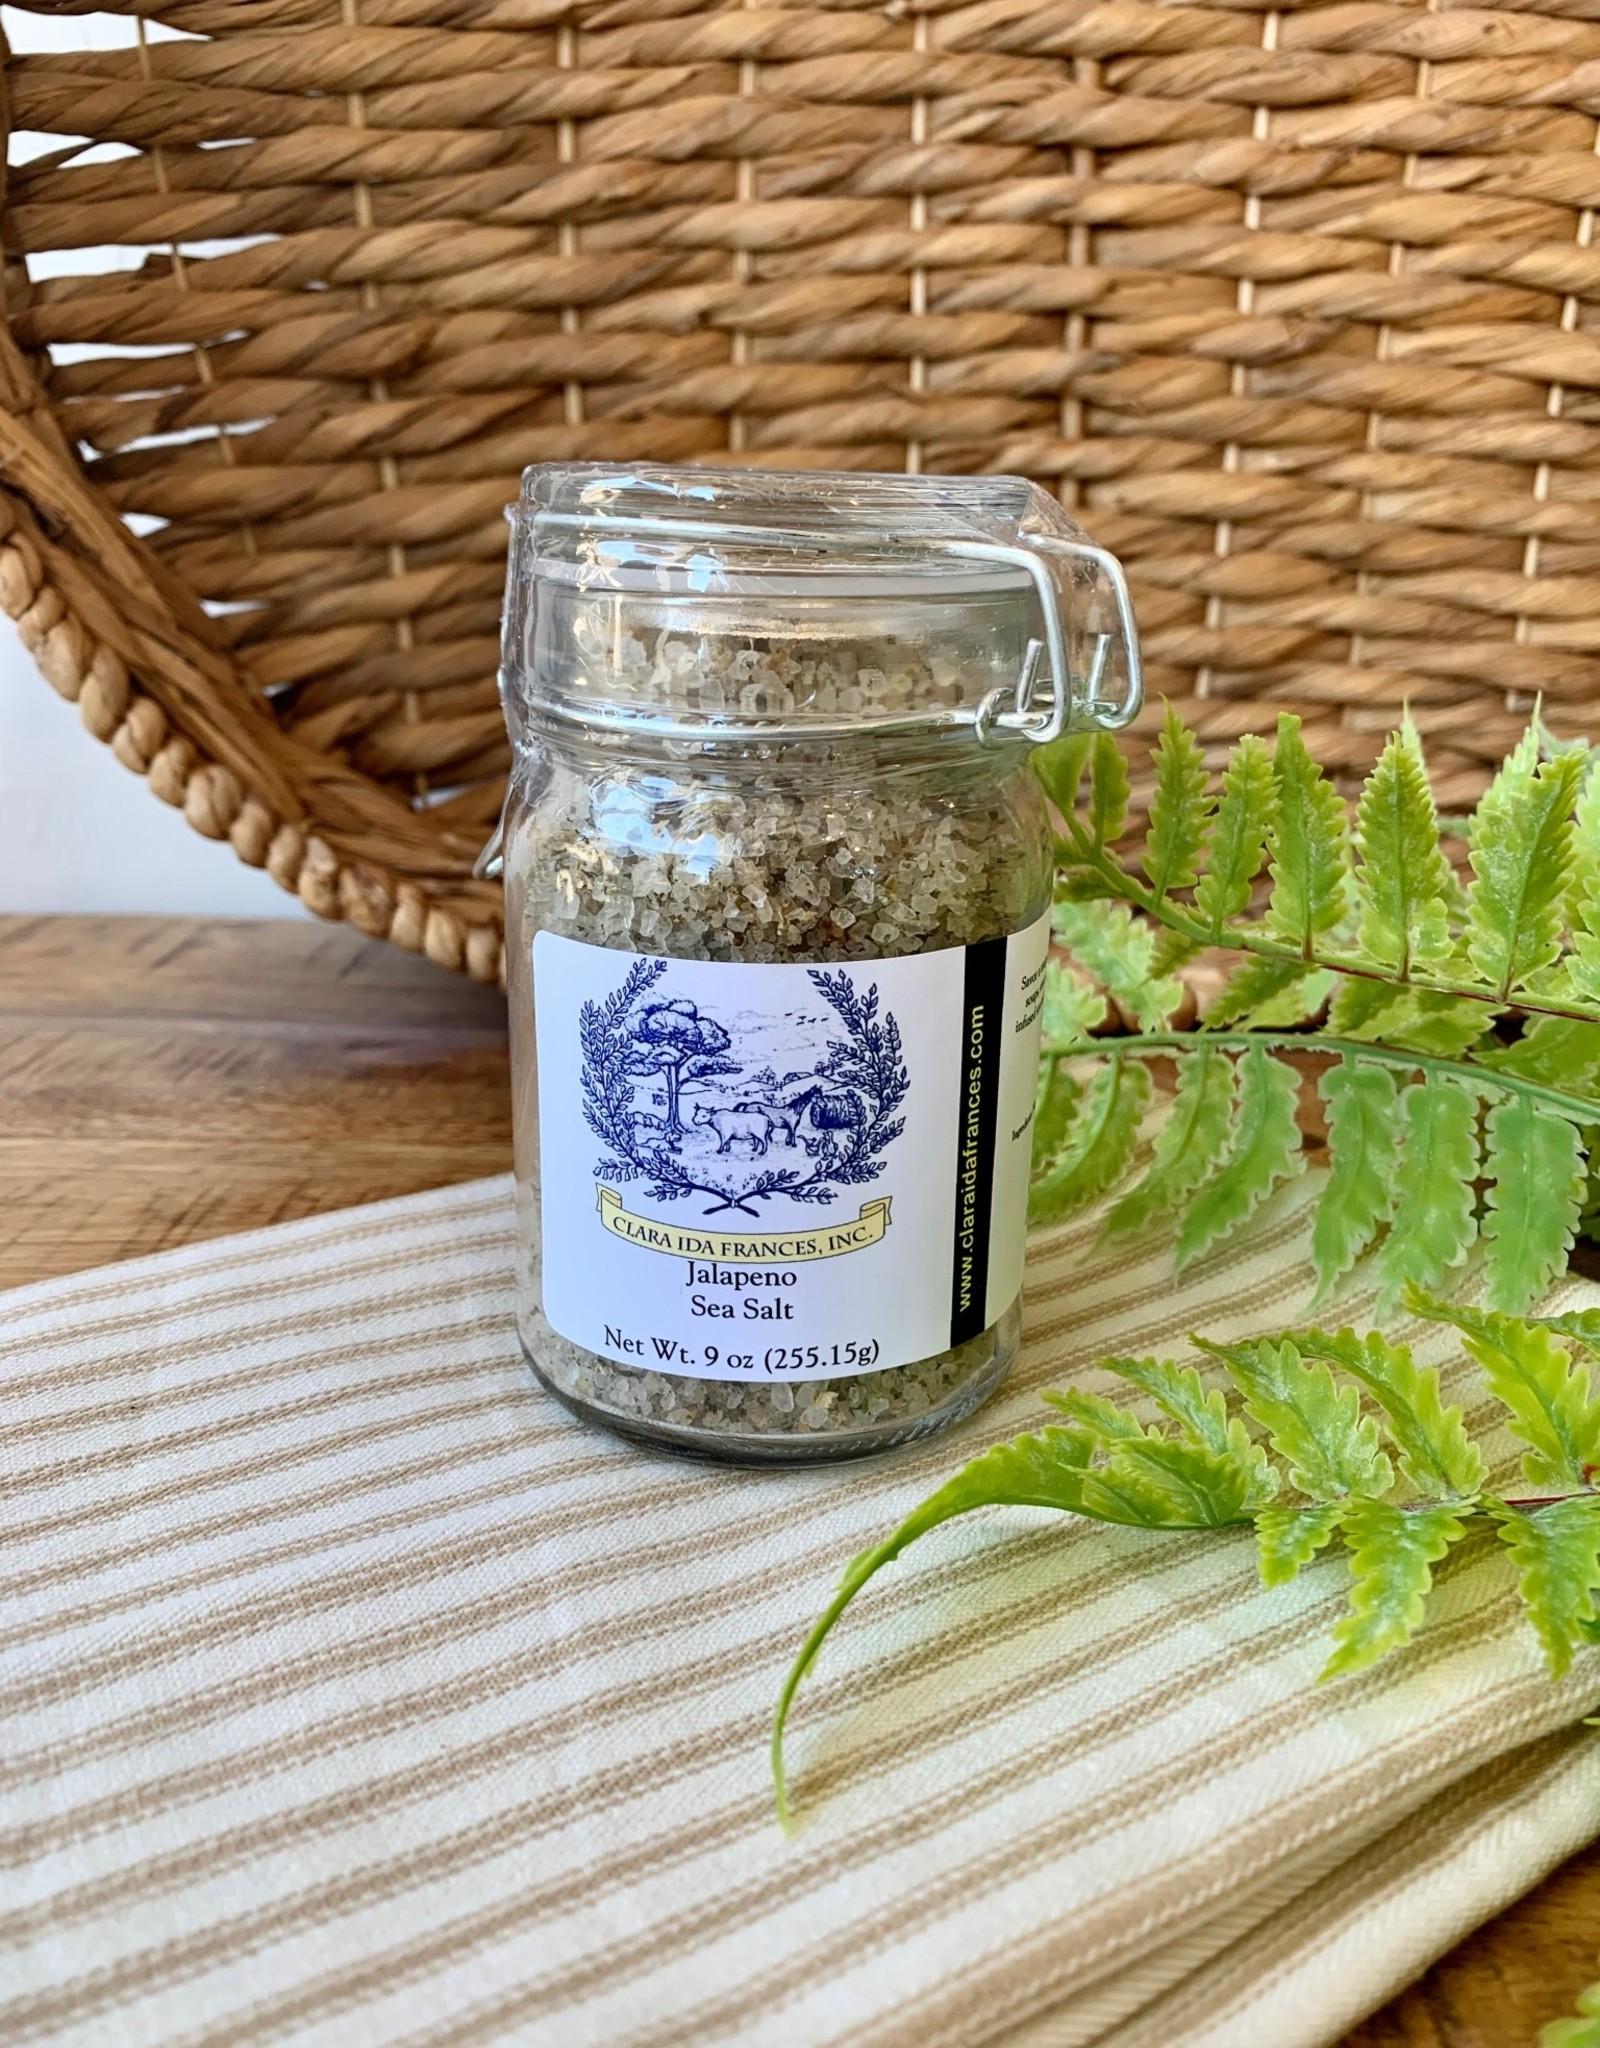 Jalapeno Sea Salt Jar